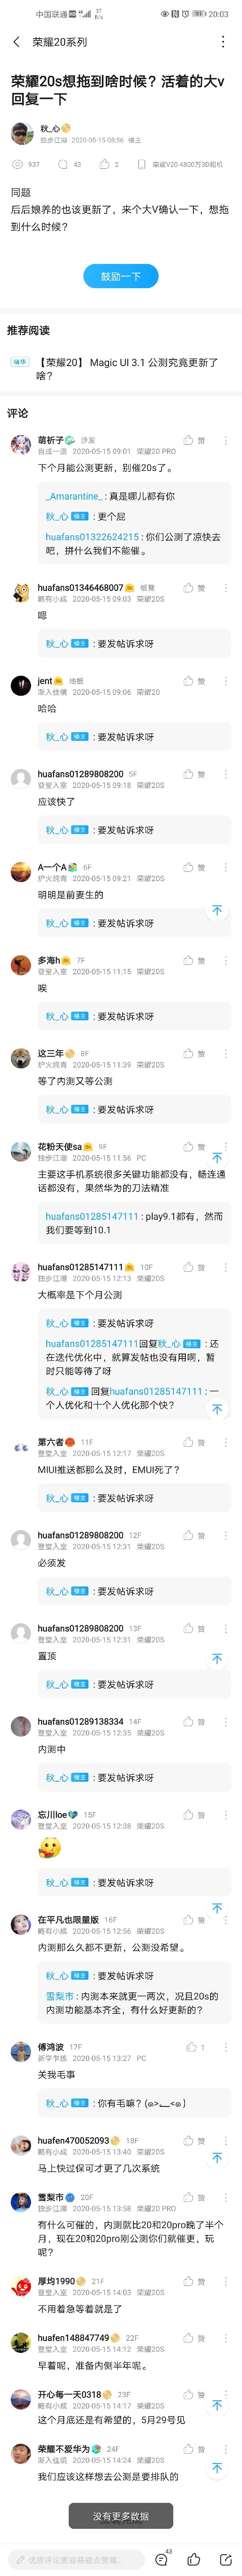 Screenshot_20200515_200329_com.huawei.fans.jpg